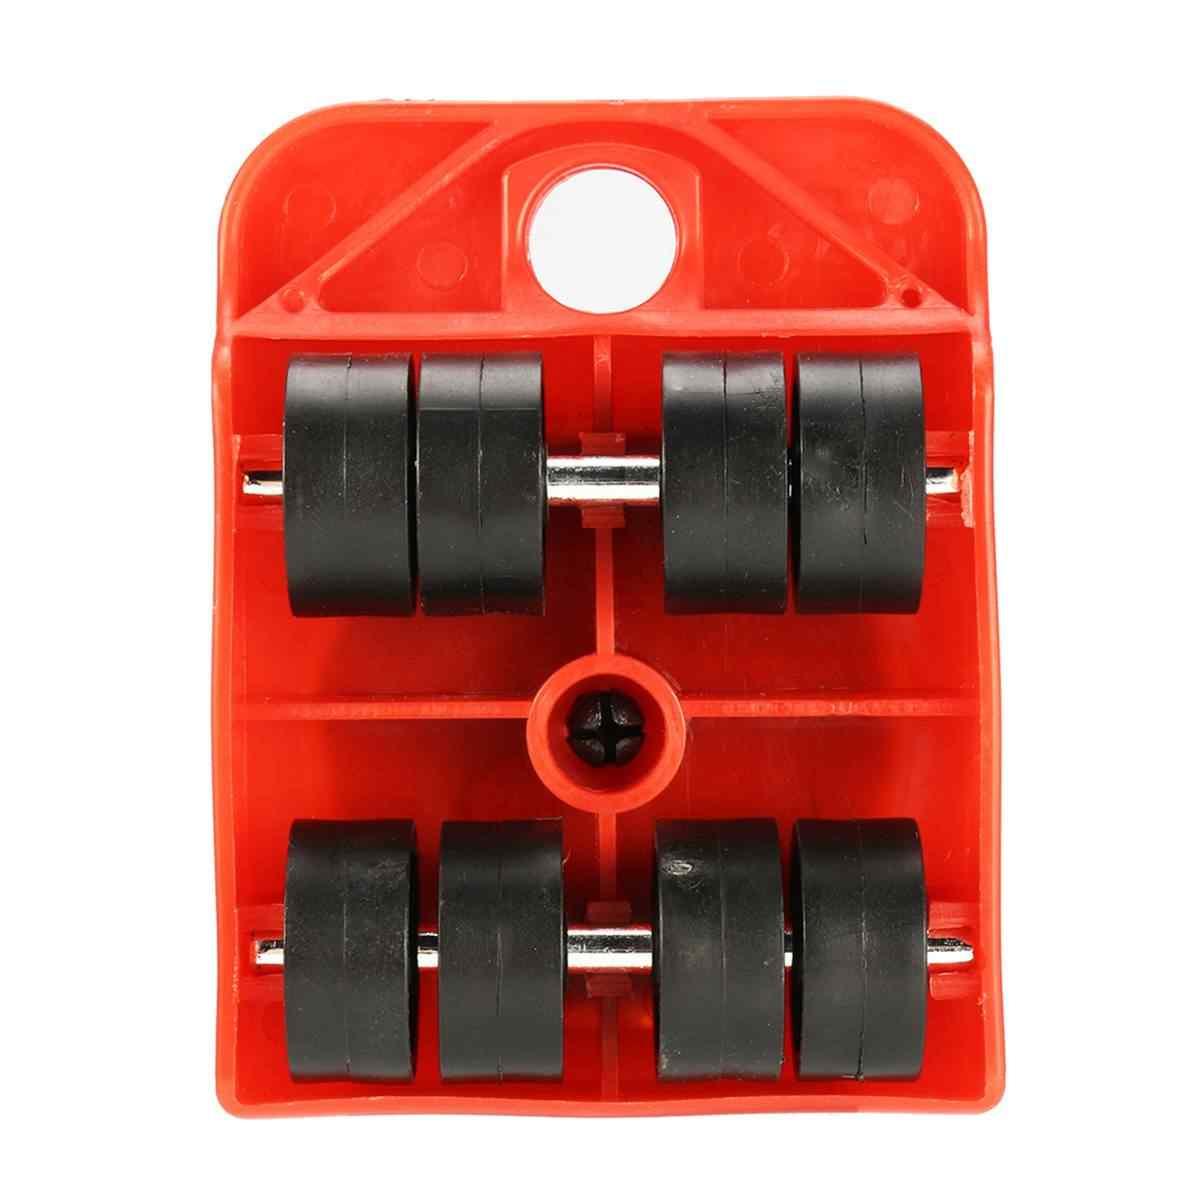 5 шт./компл. мебельный Подъемник Движется прямоугольник колеса Mover ползунки комплект дома движущиеся системы мебельный подъемник вес Перестановка Инструменты Новый